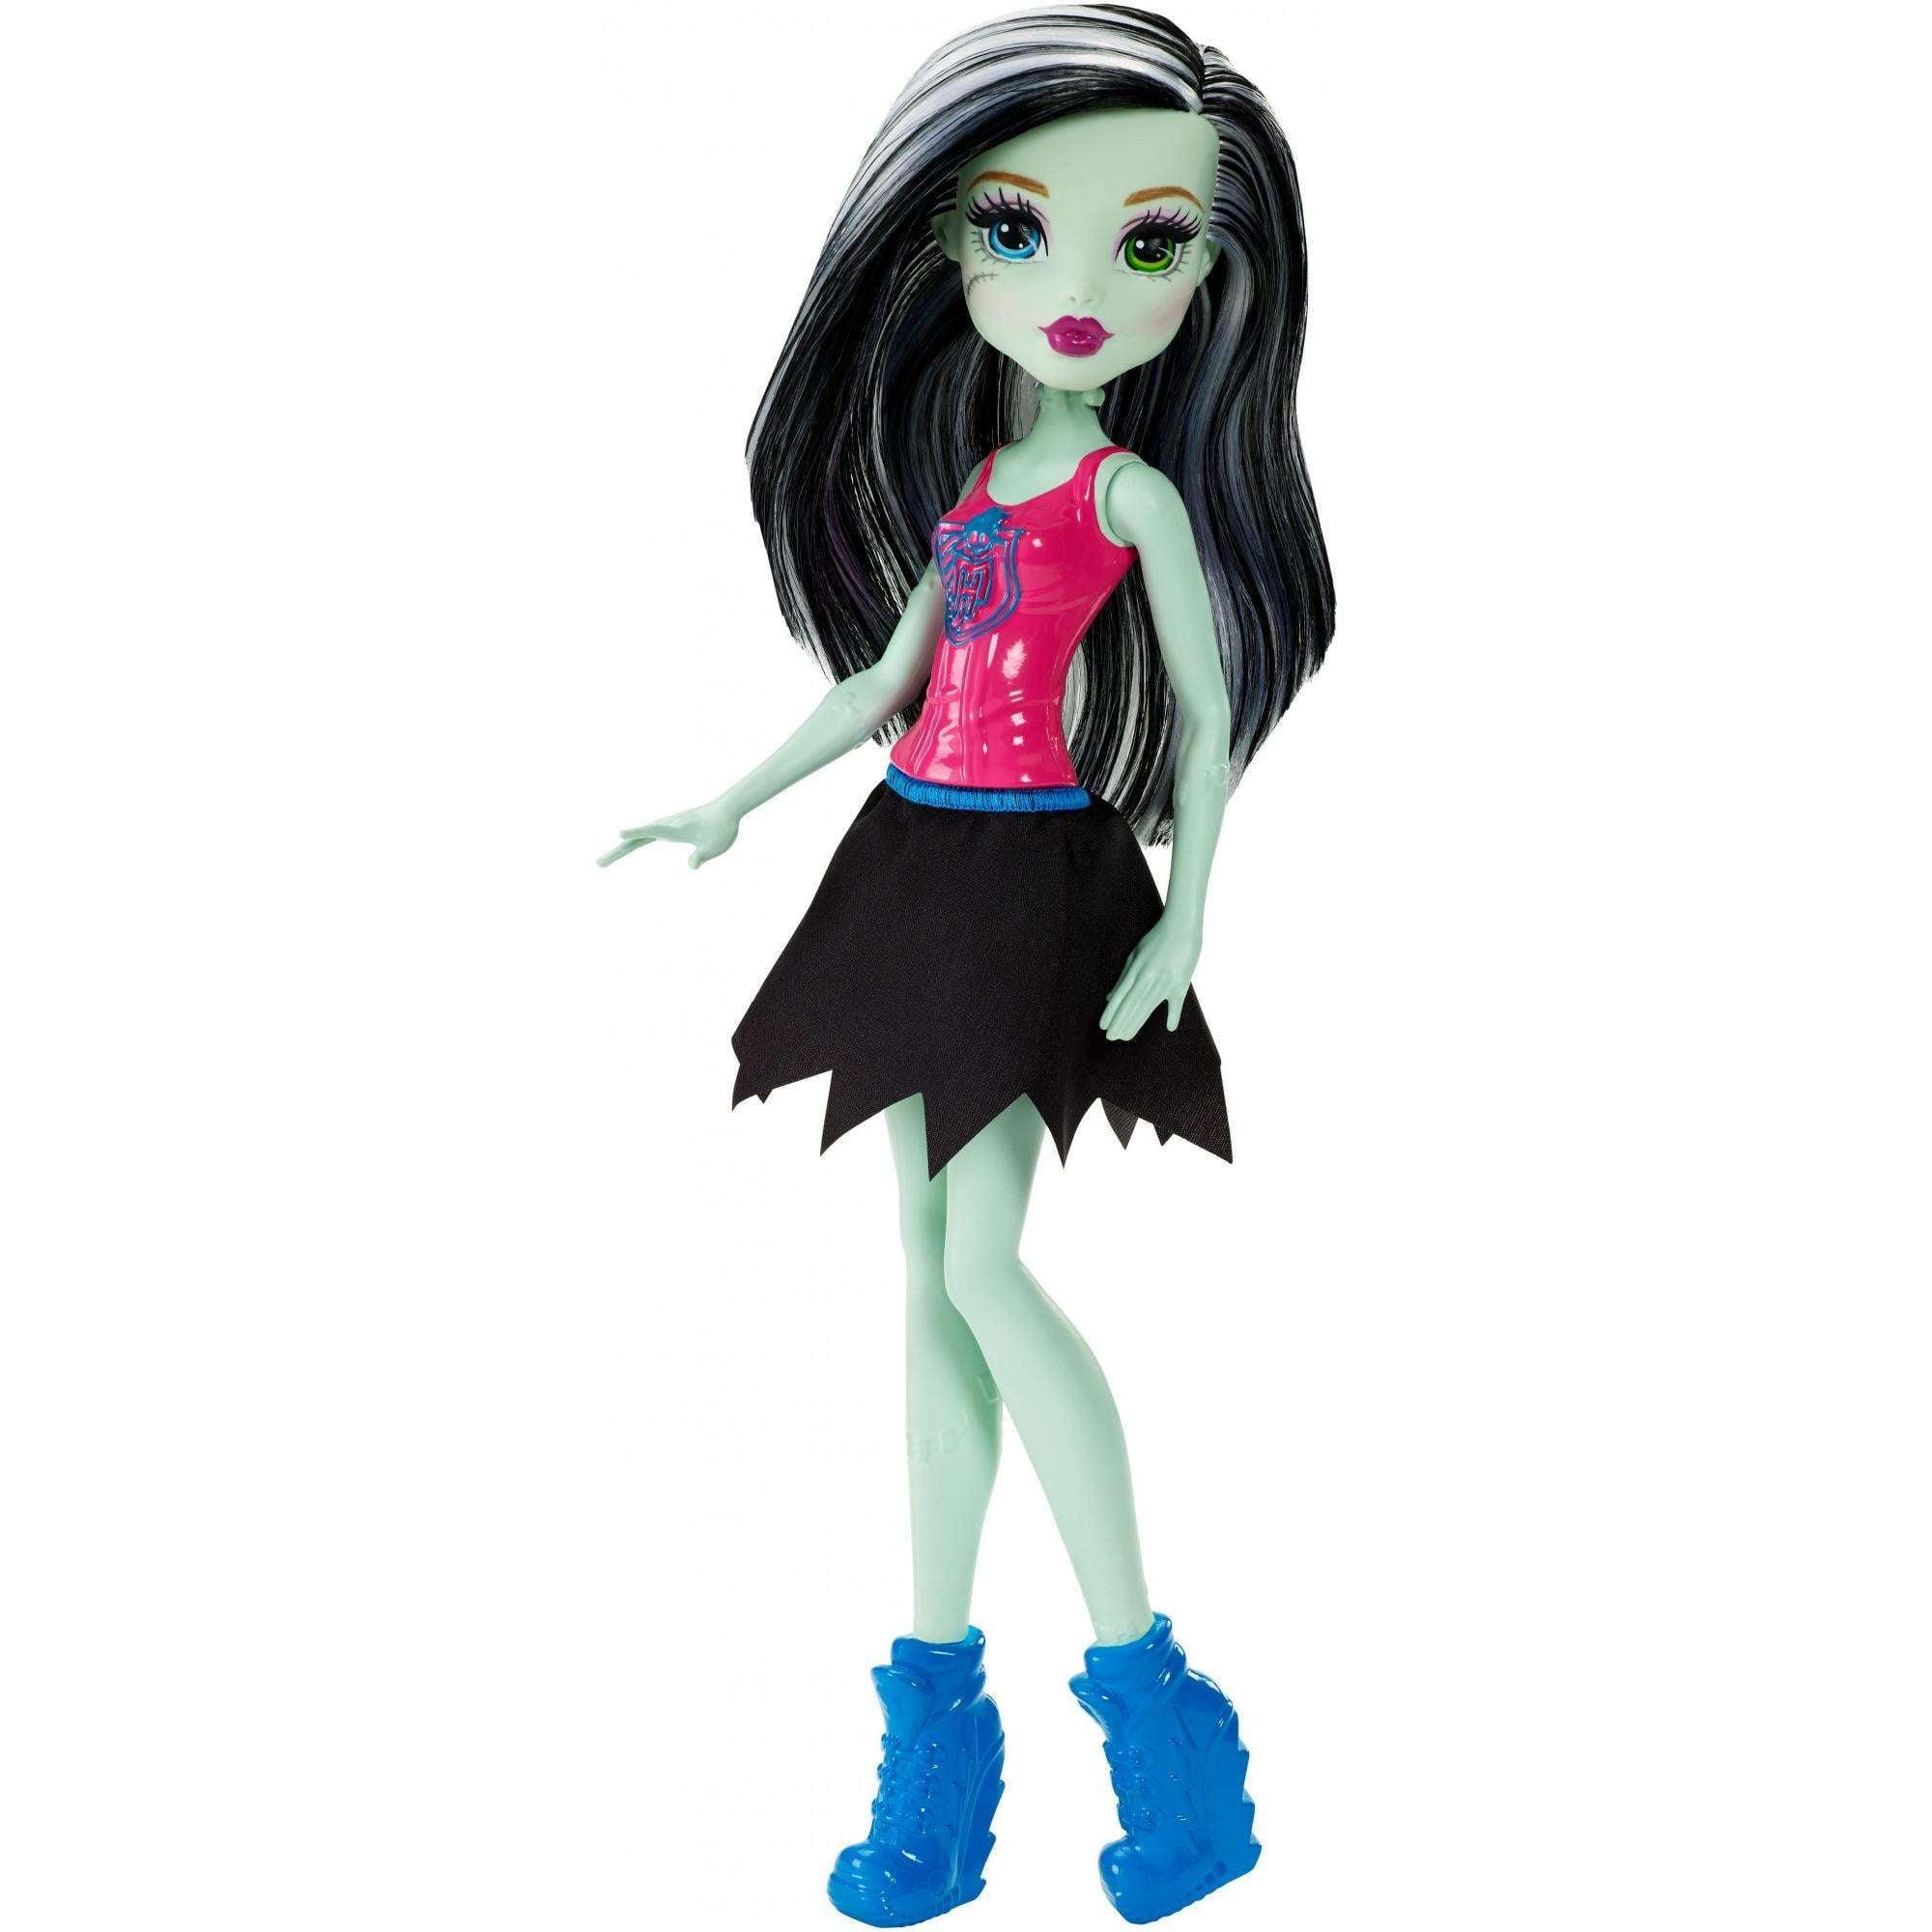 Monster High Ghoul Spirit Frankie Stein Doll by Mattel